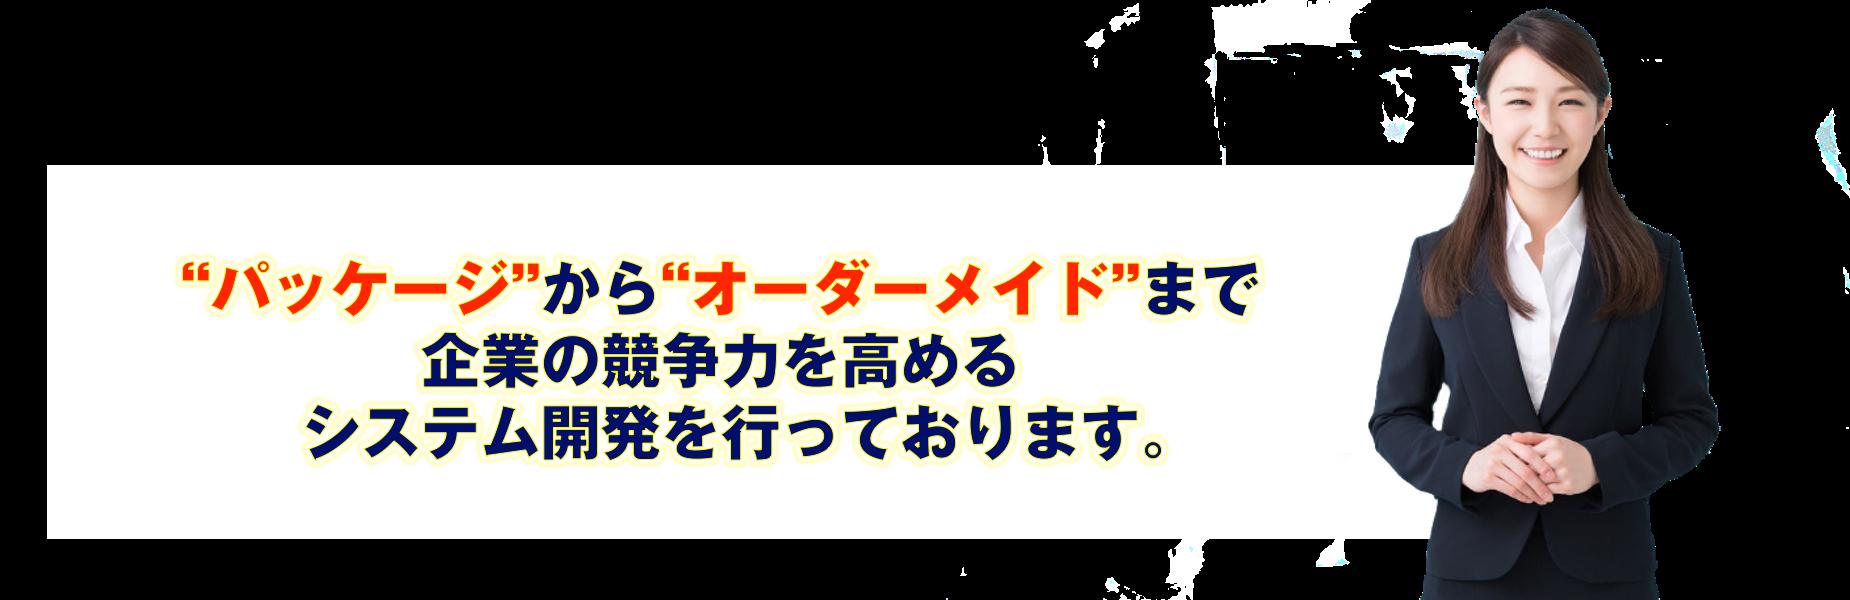 システム開発_2